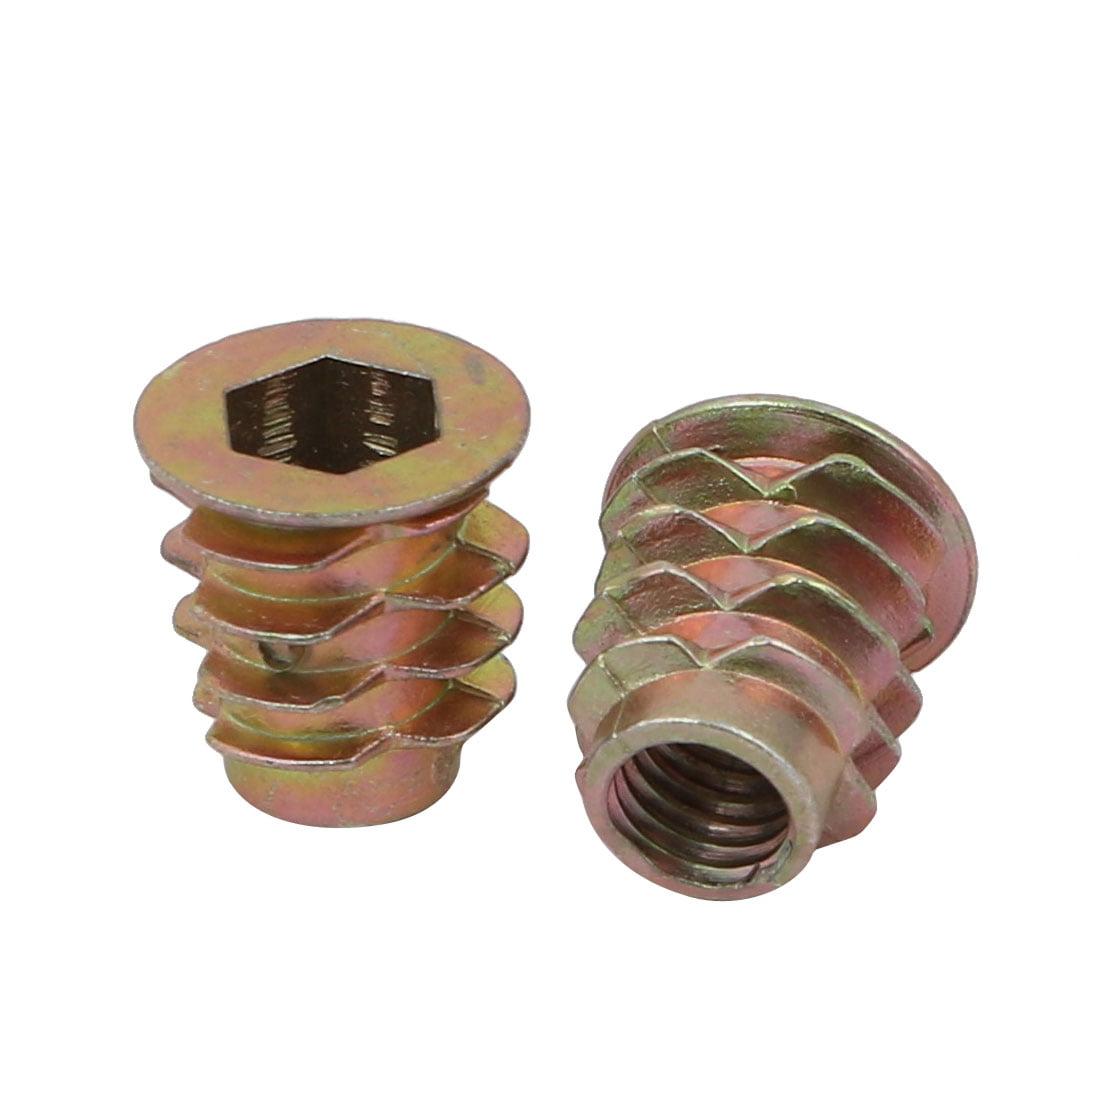 Unique Bargains 20pcs M6x13mm Zinc Alloy Hex Socket Drive Flange Insert Nut for Wood Furniture - image 2 de 3